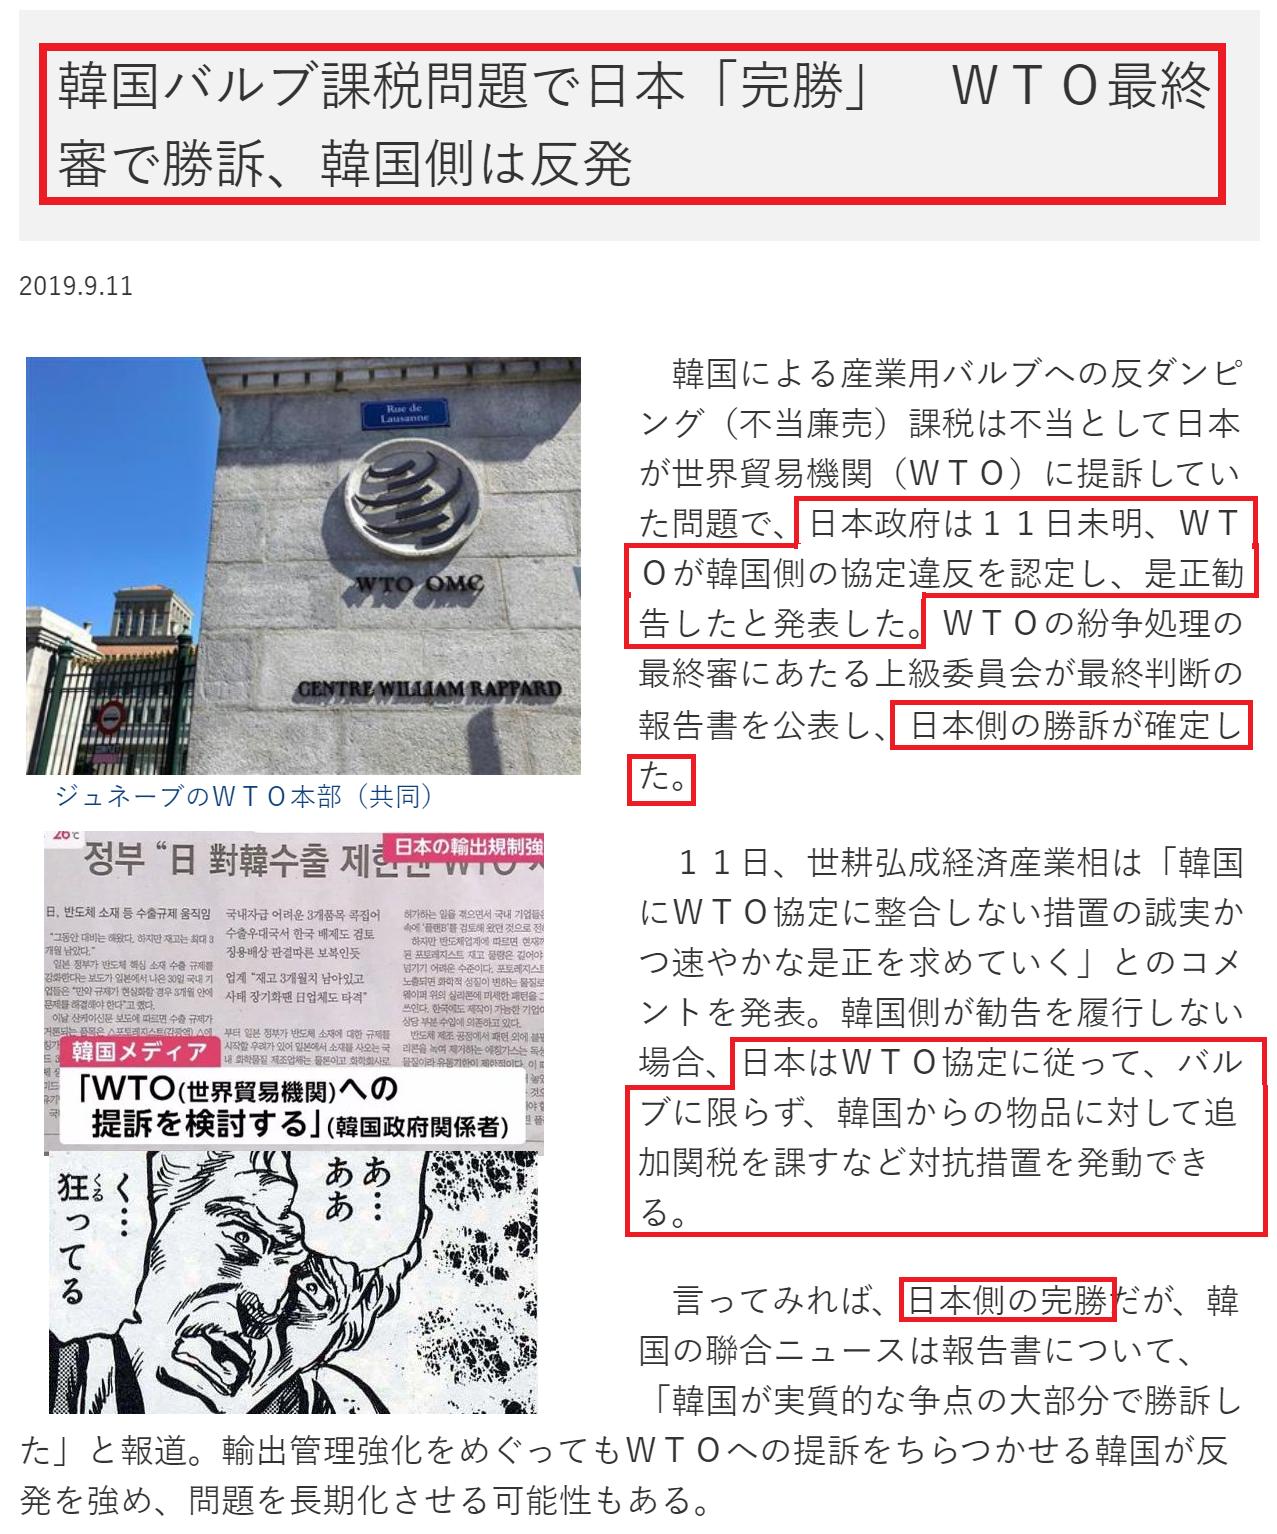 下朝鮮バルブ課税問題で日本がWTOで完勝